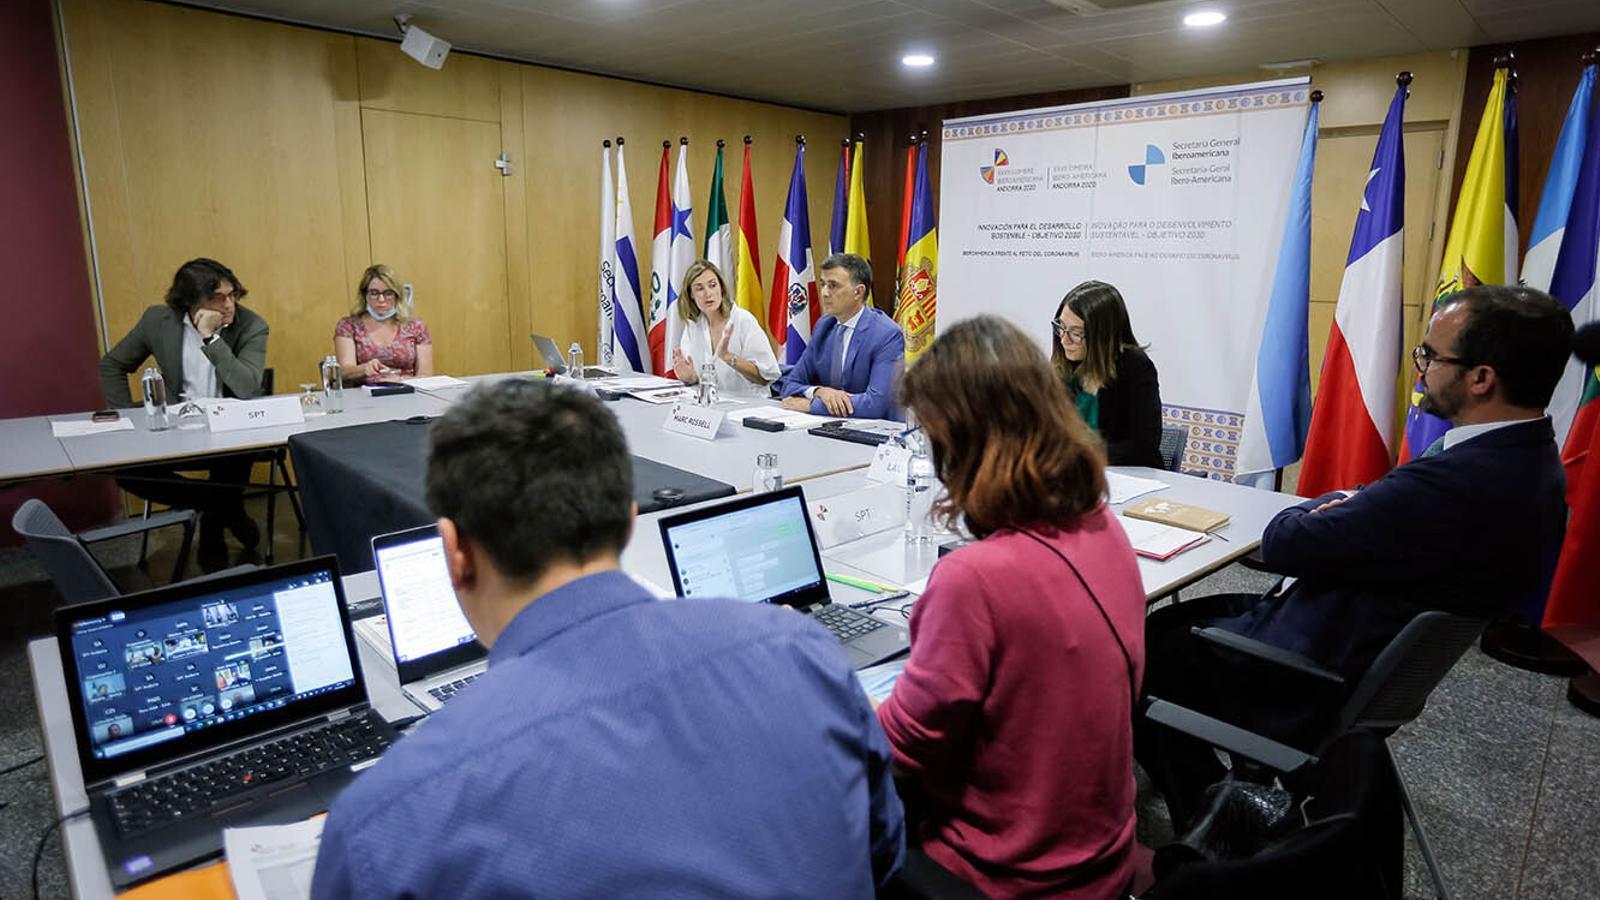 Un moment de la reunió de la Conferència de directors iberoamericans de l'aigua (Codia).